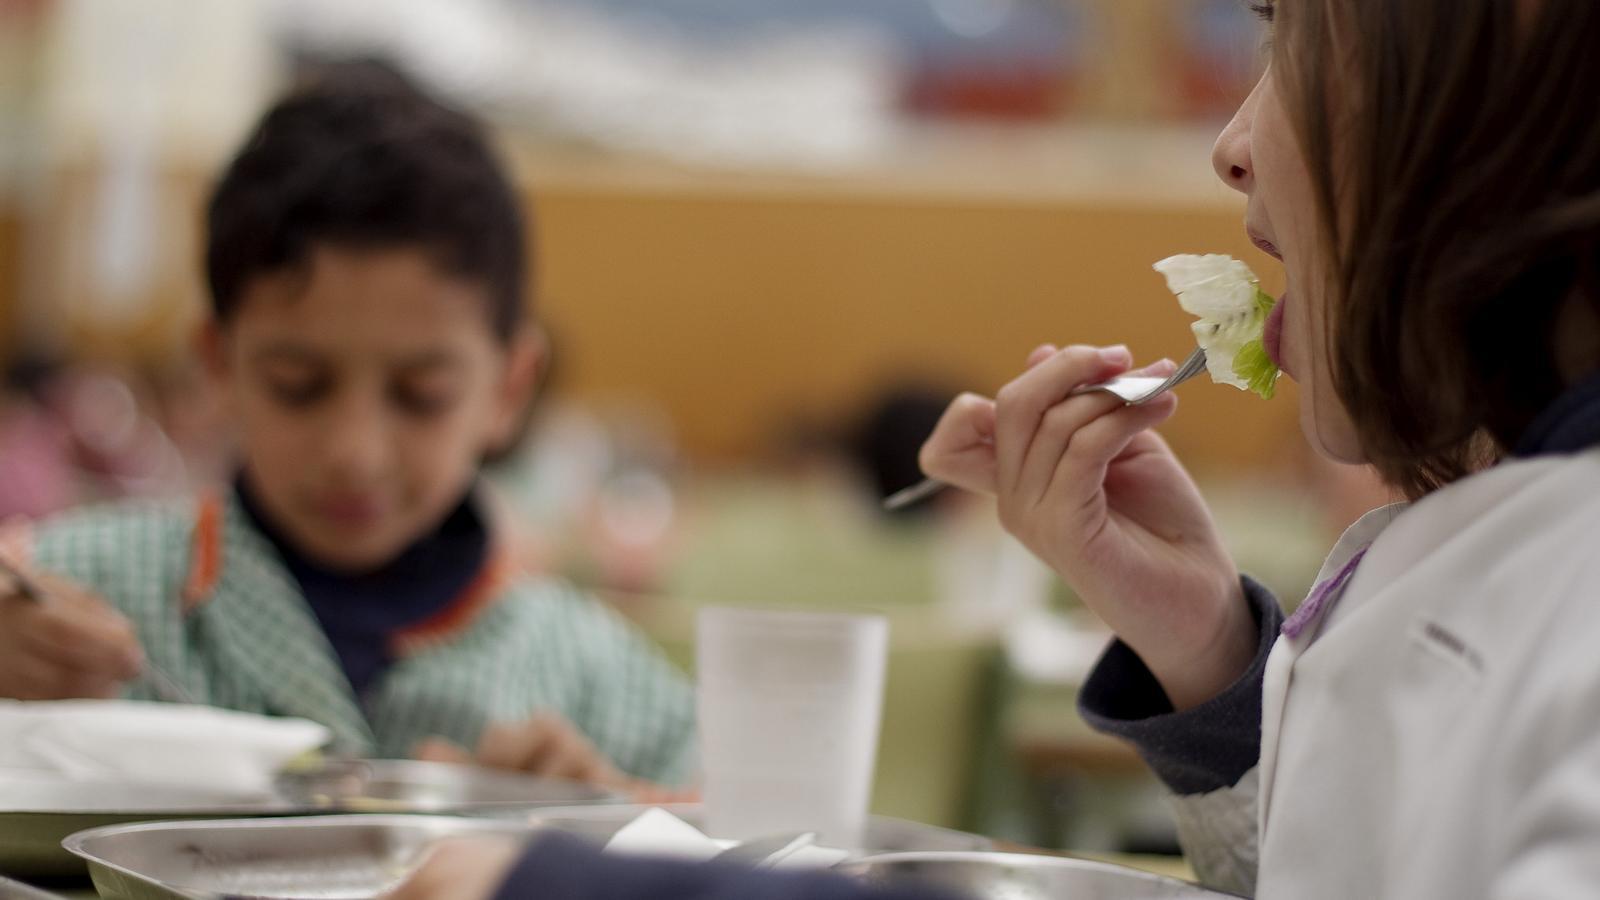 DINAR A L'ESCOLA  Els menjadors escolars han perdut un 20% d'alumnes. Cada cop més pares opten per la carmanyola per estalviar-se aquesta despesa.